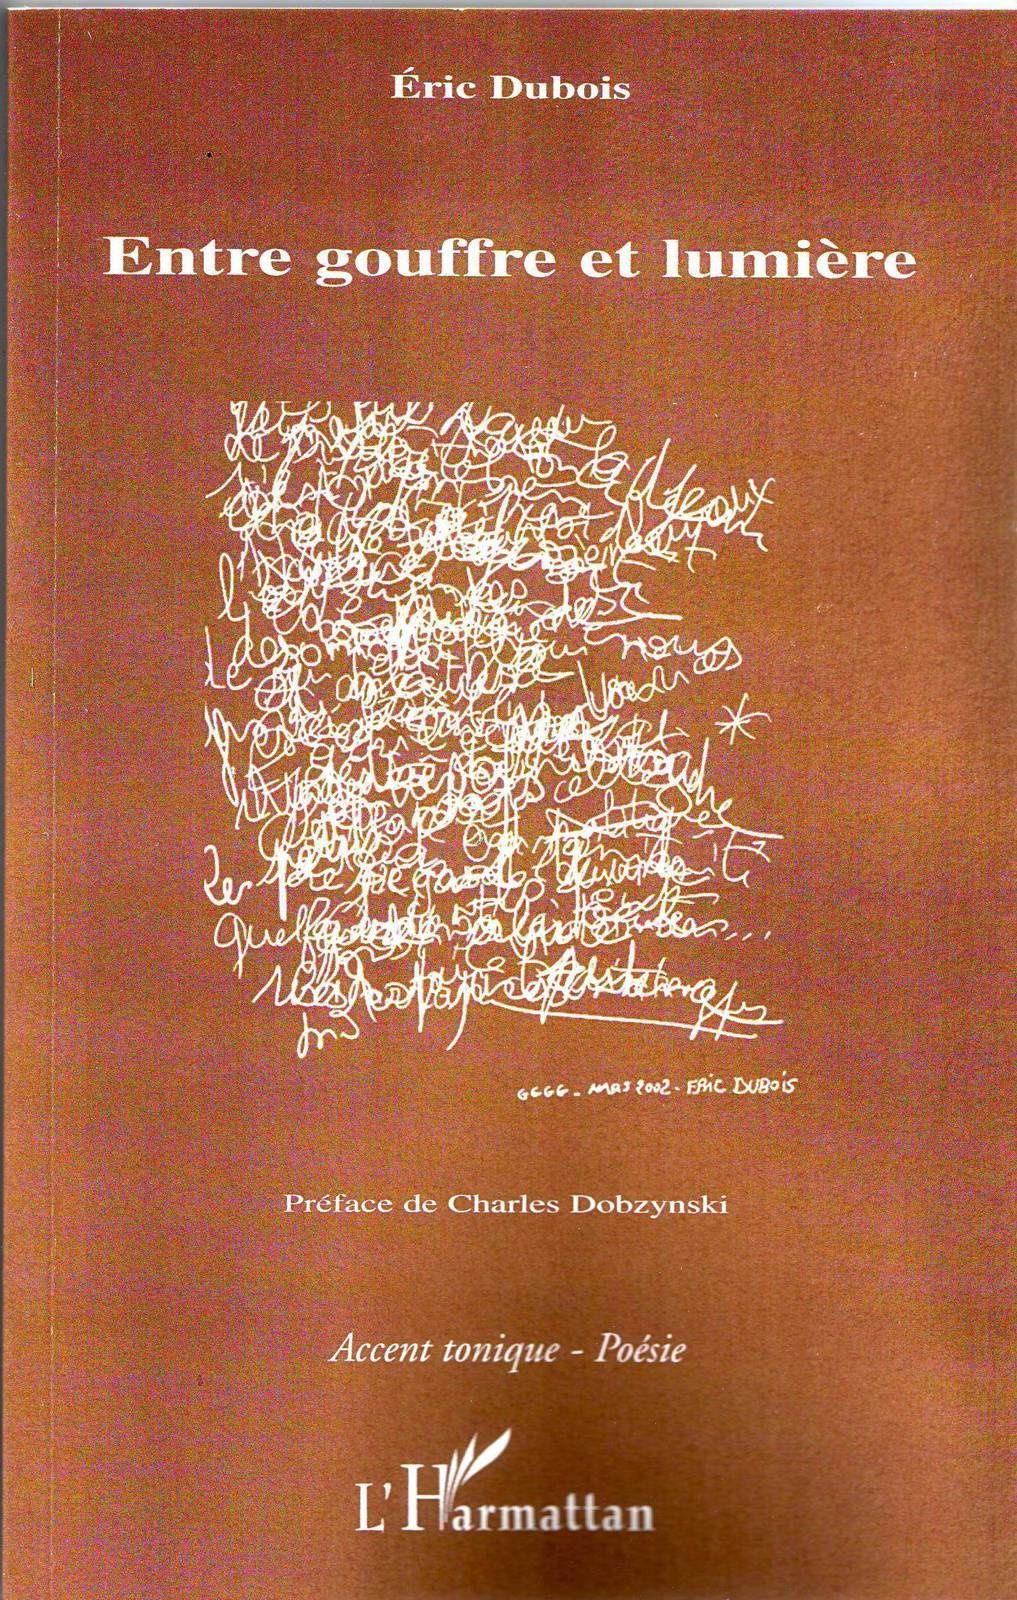 """ARTICLE DE FRANCOISE URBAN-MENNINGER  A PROPOS DE """"ENTRE GOUFFRE ET LUMIERE"""" ERIC DUBOIS - EDITIONS L'HARMATTAN  ET """"MAIS QUI LIRA LE DERNIER POEME ? """" ERIC DUBOIS -PUBLIE PAPIER - DANS EXIGENCE LITTERATURE"""